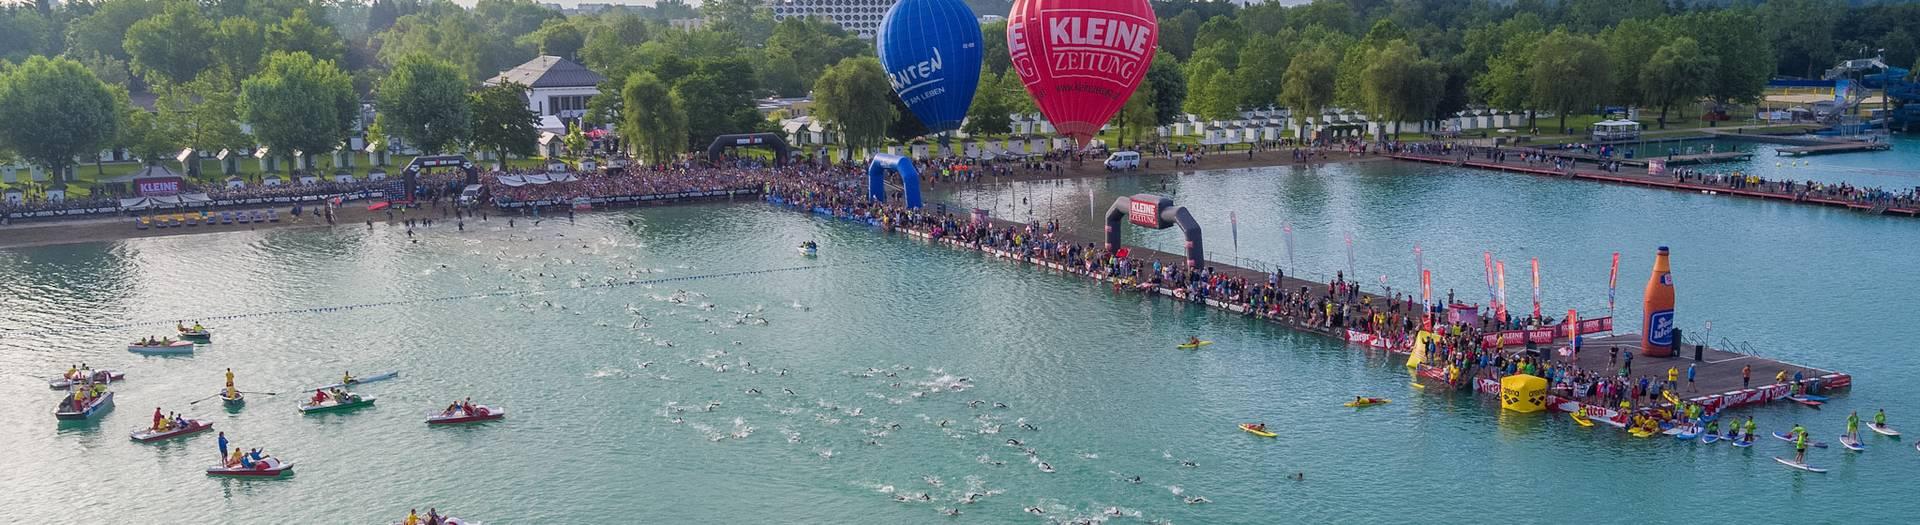 Ironman Schwimmstart Klagenfurt